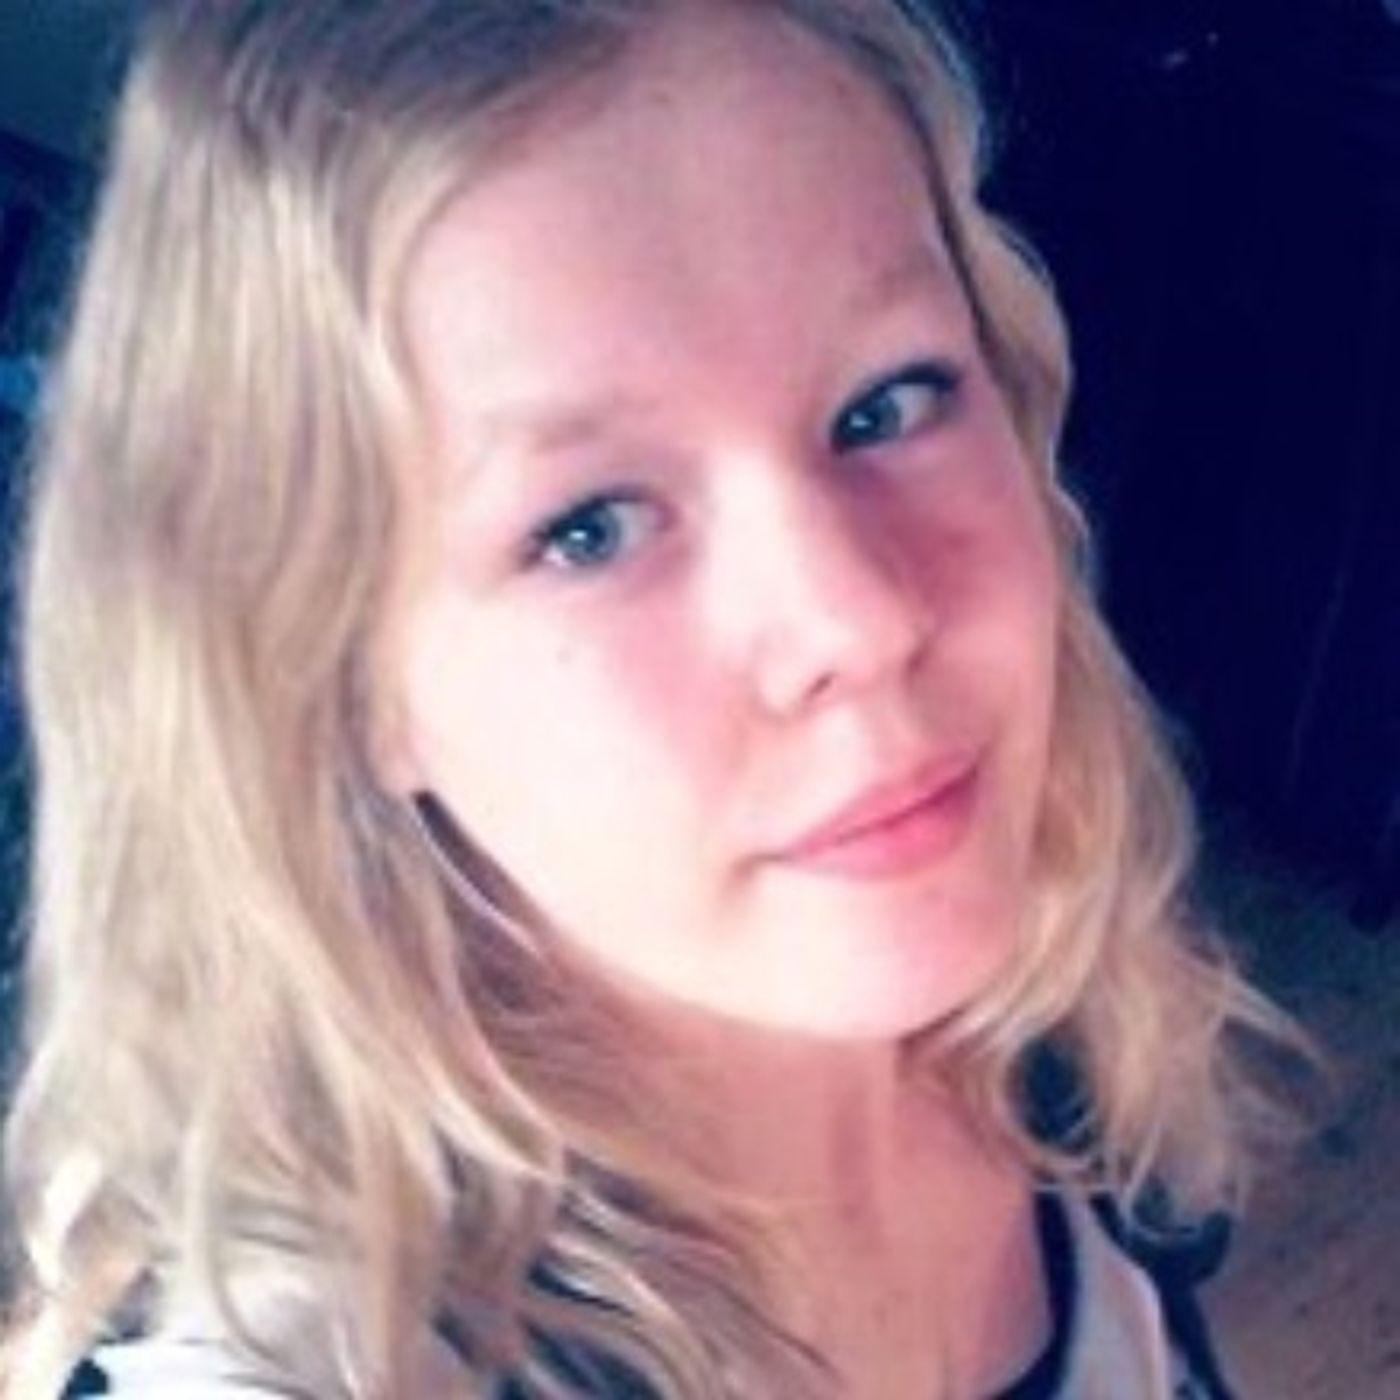 Noa, la 17enne olandese che ha chiesto e ottenuto l'eutanasia